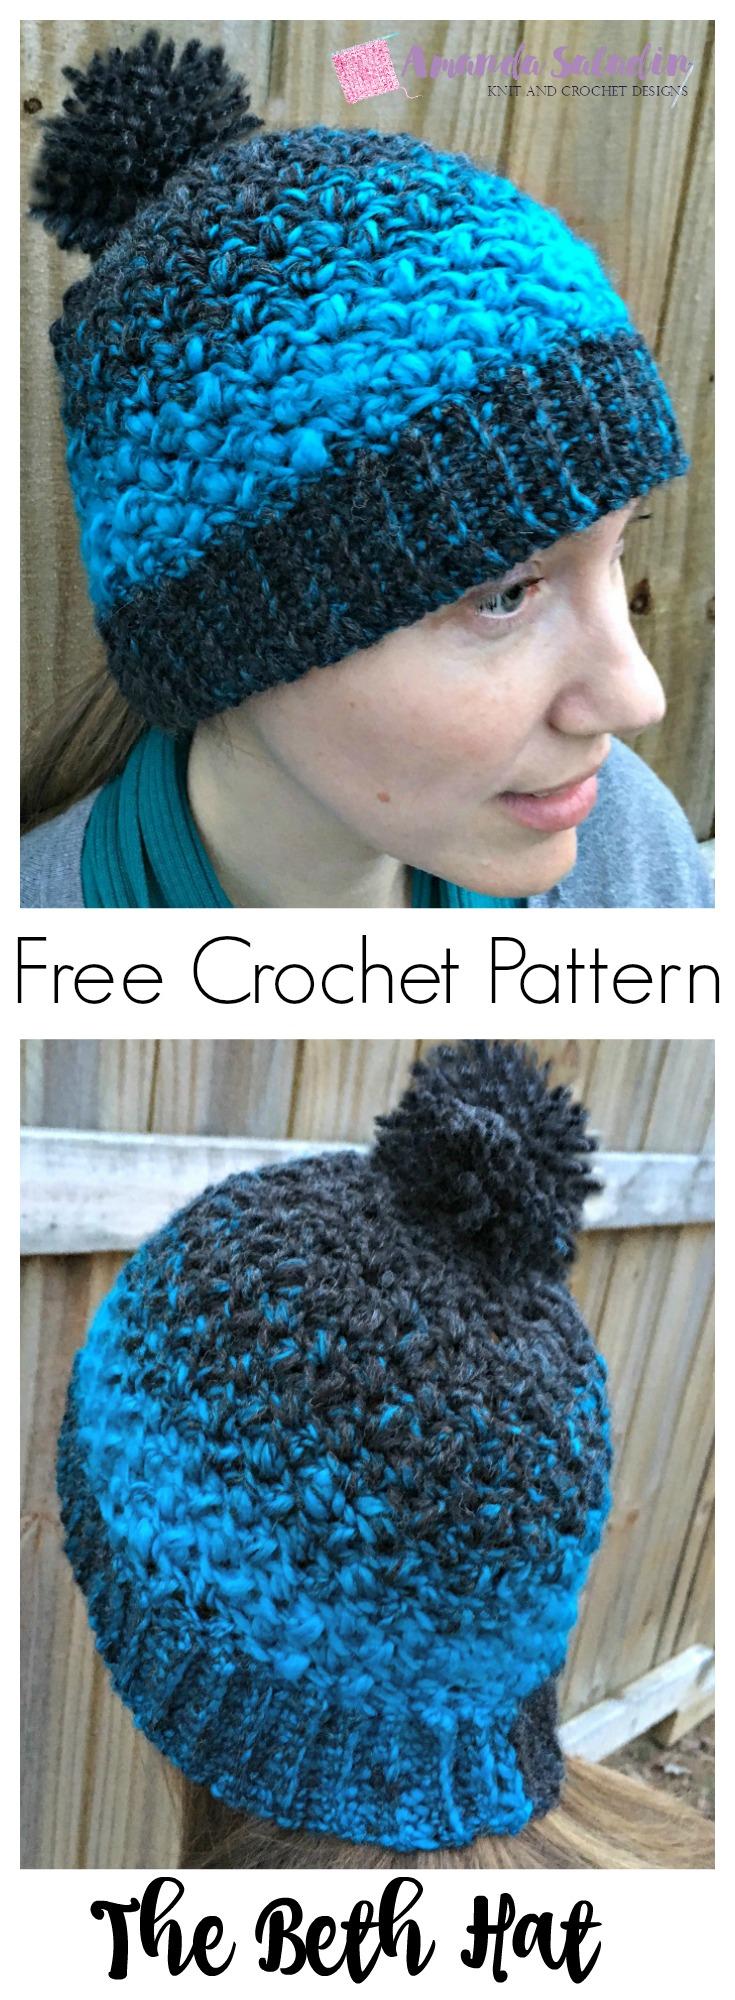 Free Easy Crochet Pattern - The Beth Hat